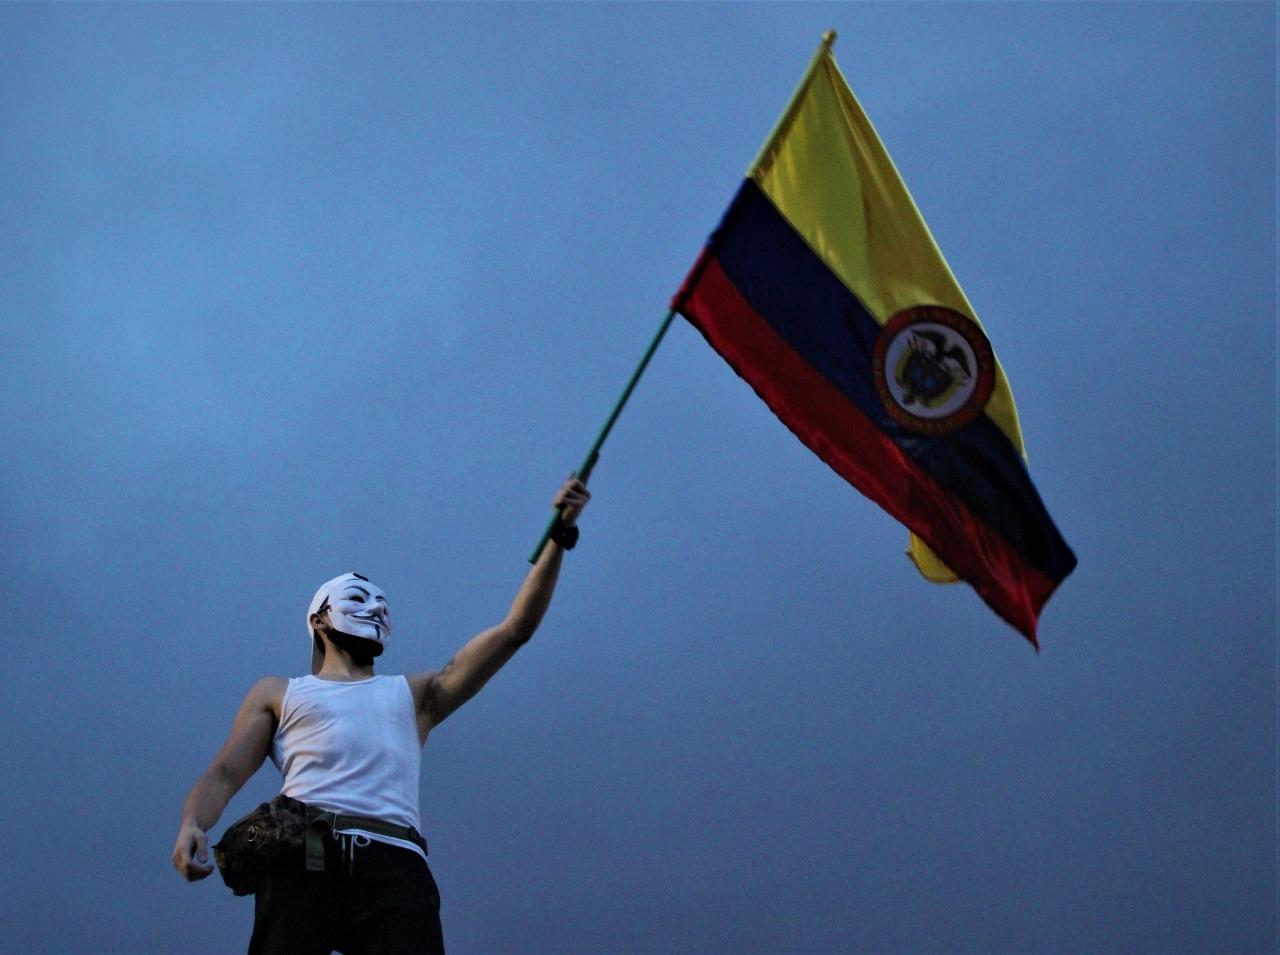 El 84% de los jóvenes colombianos apoya el Paro Nacional en Colombia, según la gran encuesta realizada por UR